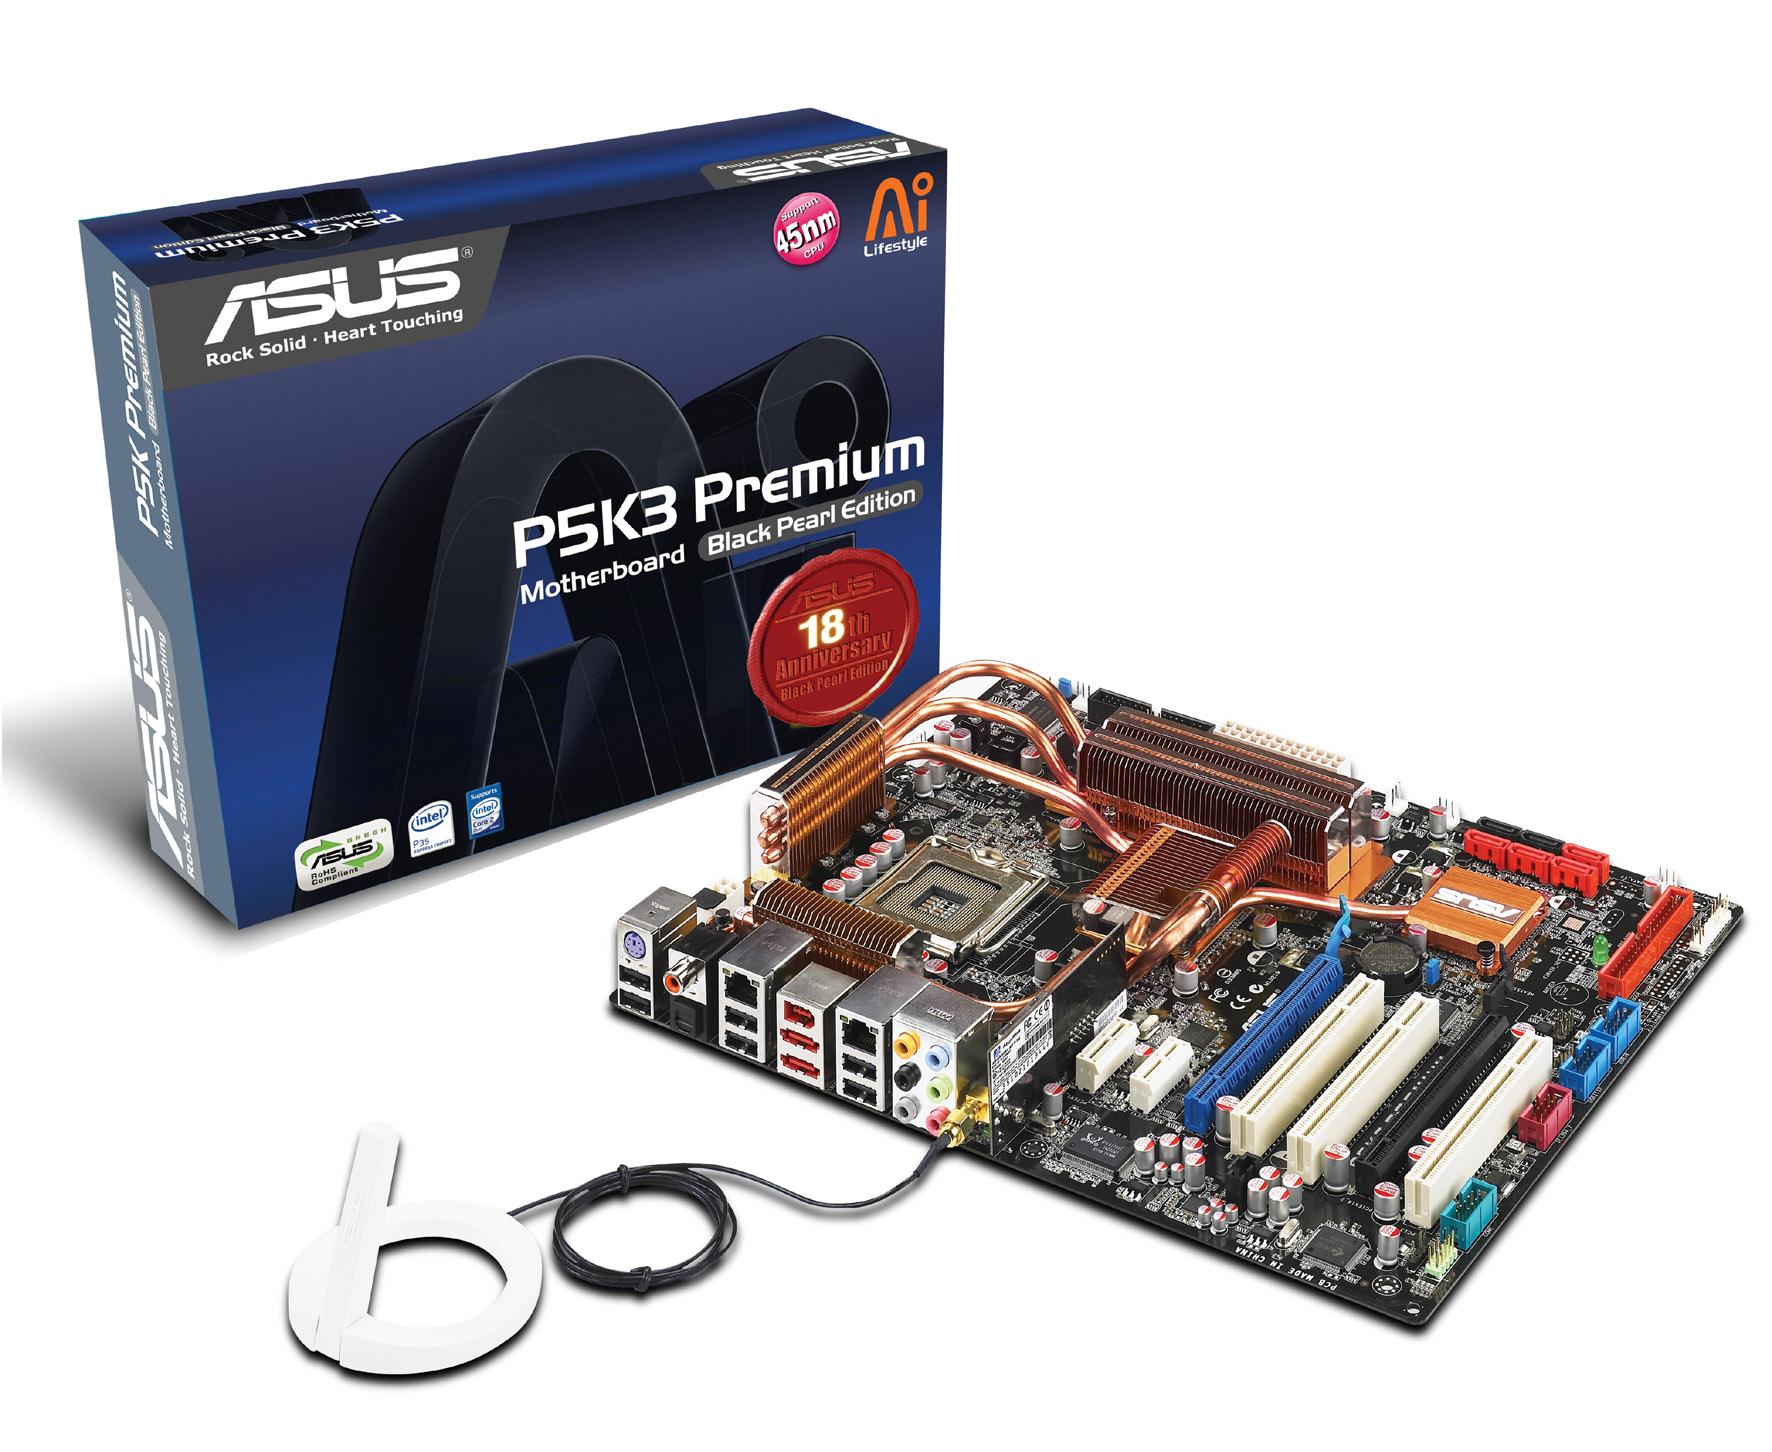 Asus® P5k3 Premium